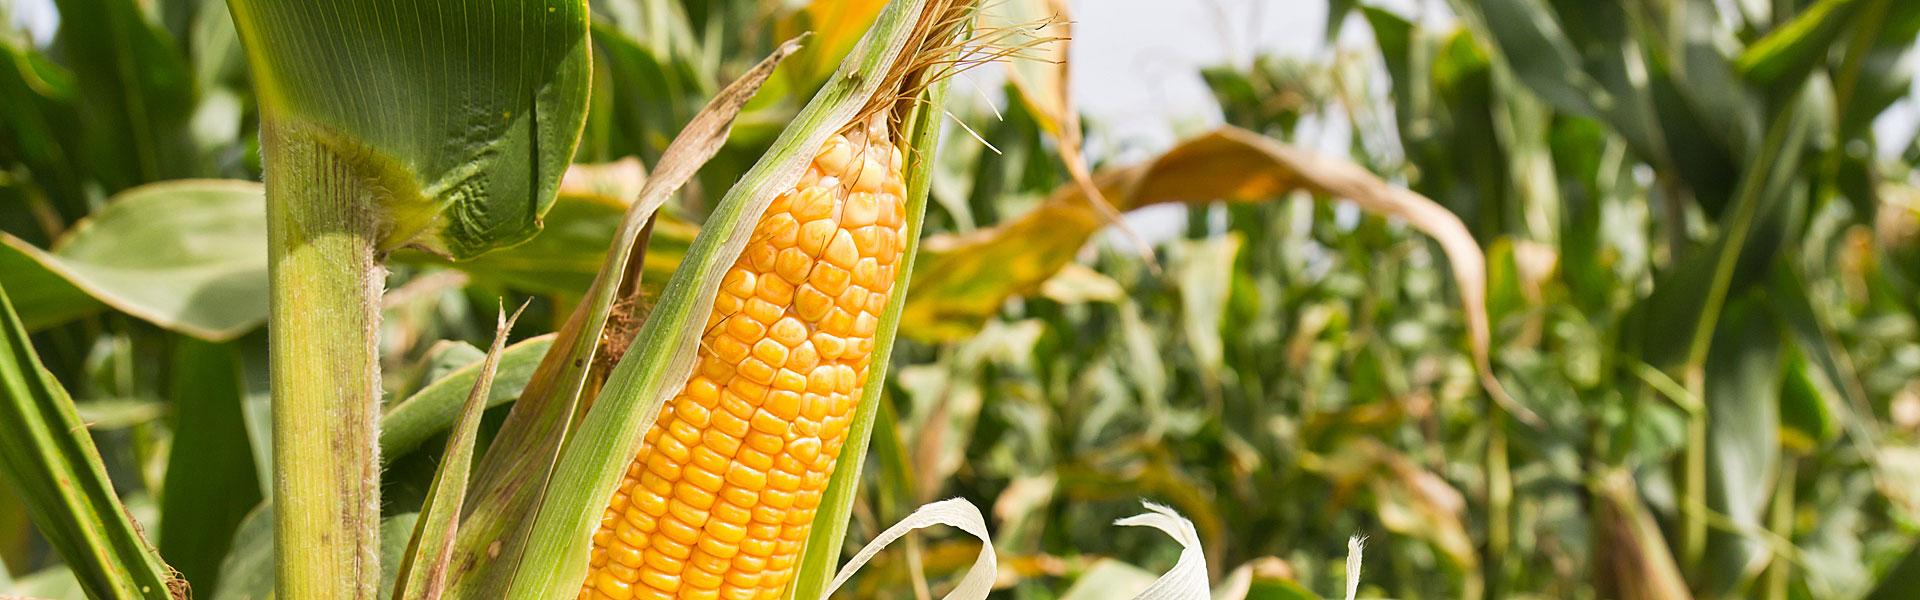 Høst majsen på det rigtige tidspunkt